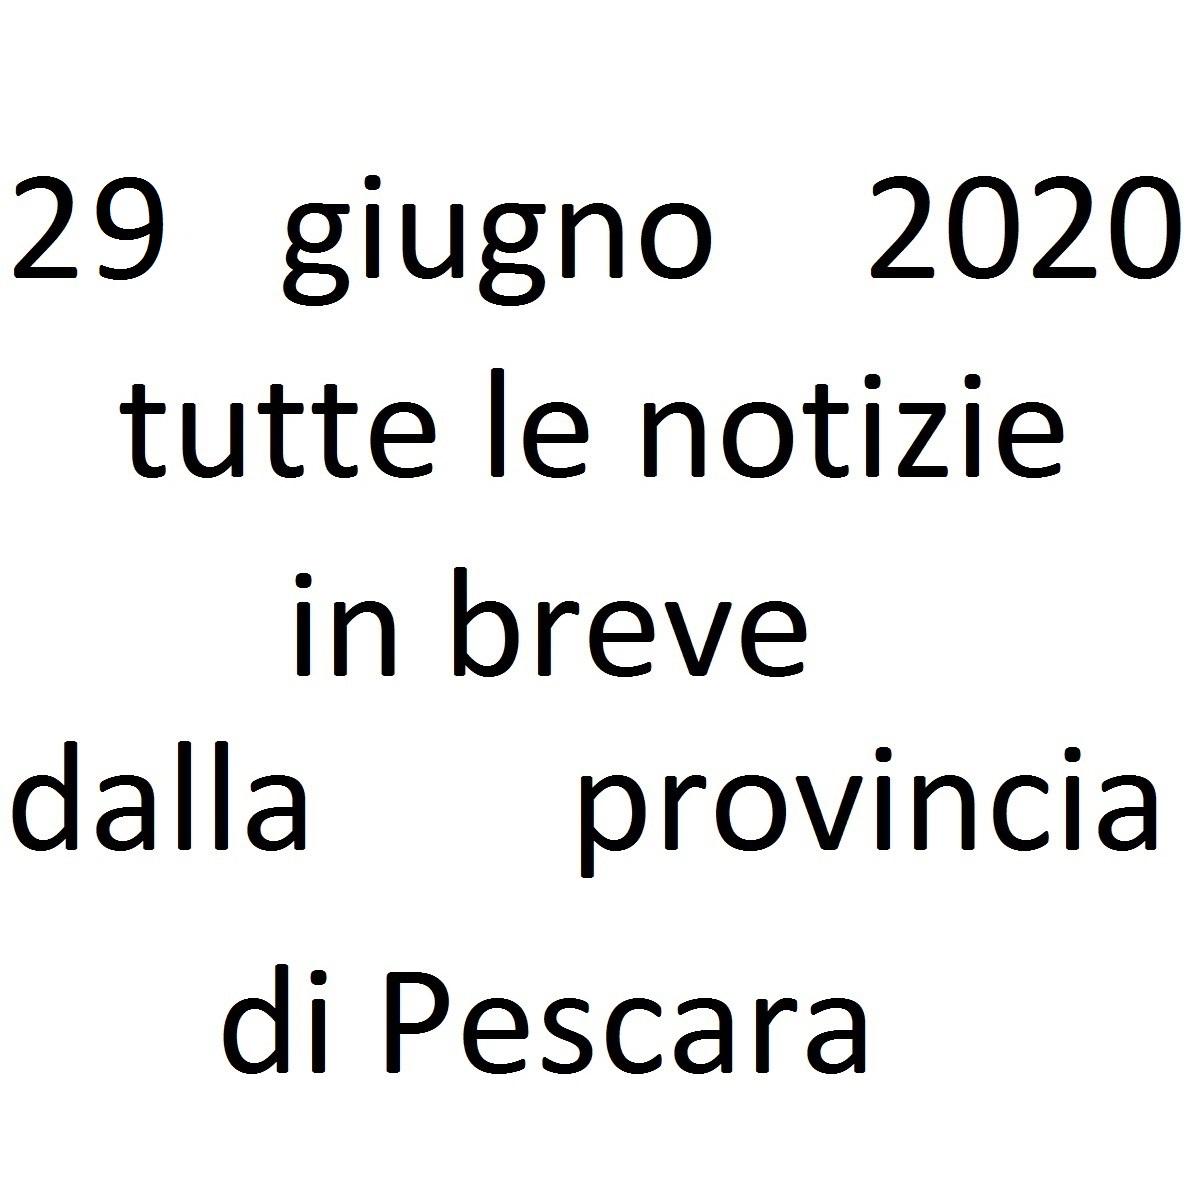 29 giugno 2020 notizie in breve dalla Provincia di Pescara foto